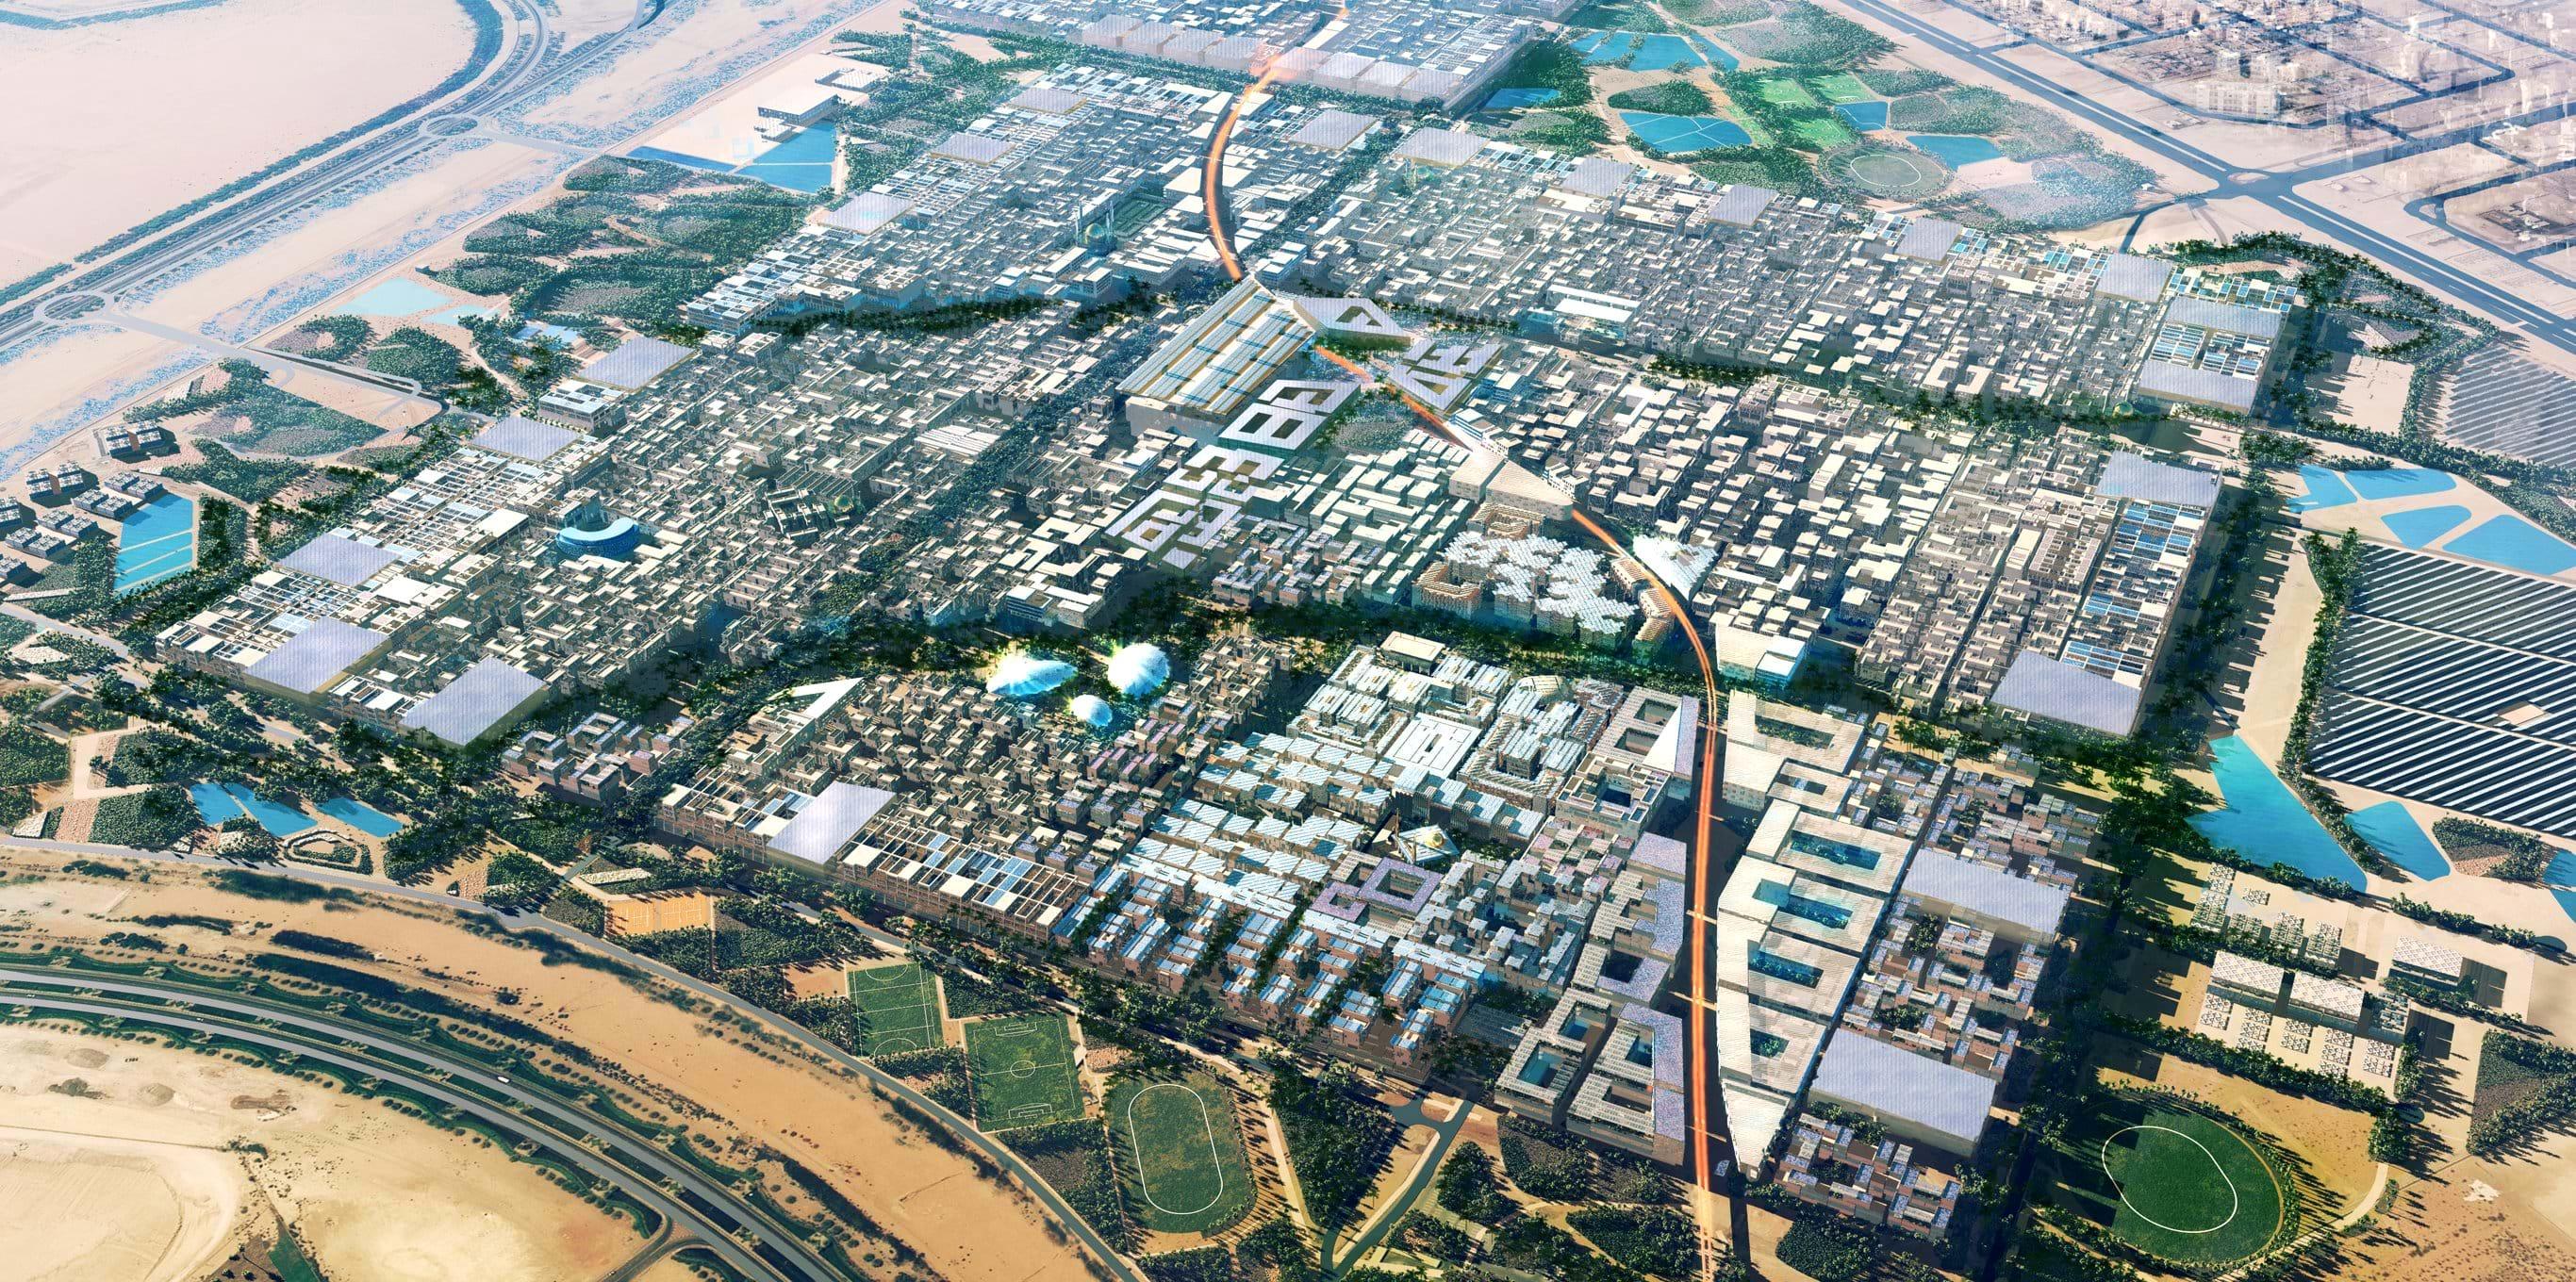 In Master City im in den Vereinigten Emiraten sollen einmal fast 50.000 Menschen leben. Derzeit stockt jedoch die Entwicklung. Nur das innerste Zentrum ist gebaut, nur rund 600 Menschen leben in der Stadt. Auch Siemens ist in der Stadt mit einer Dependance vertreten.